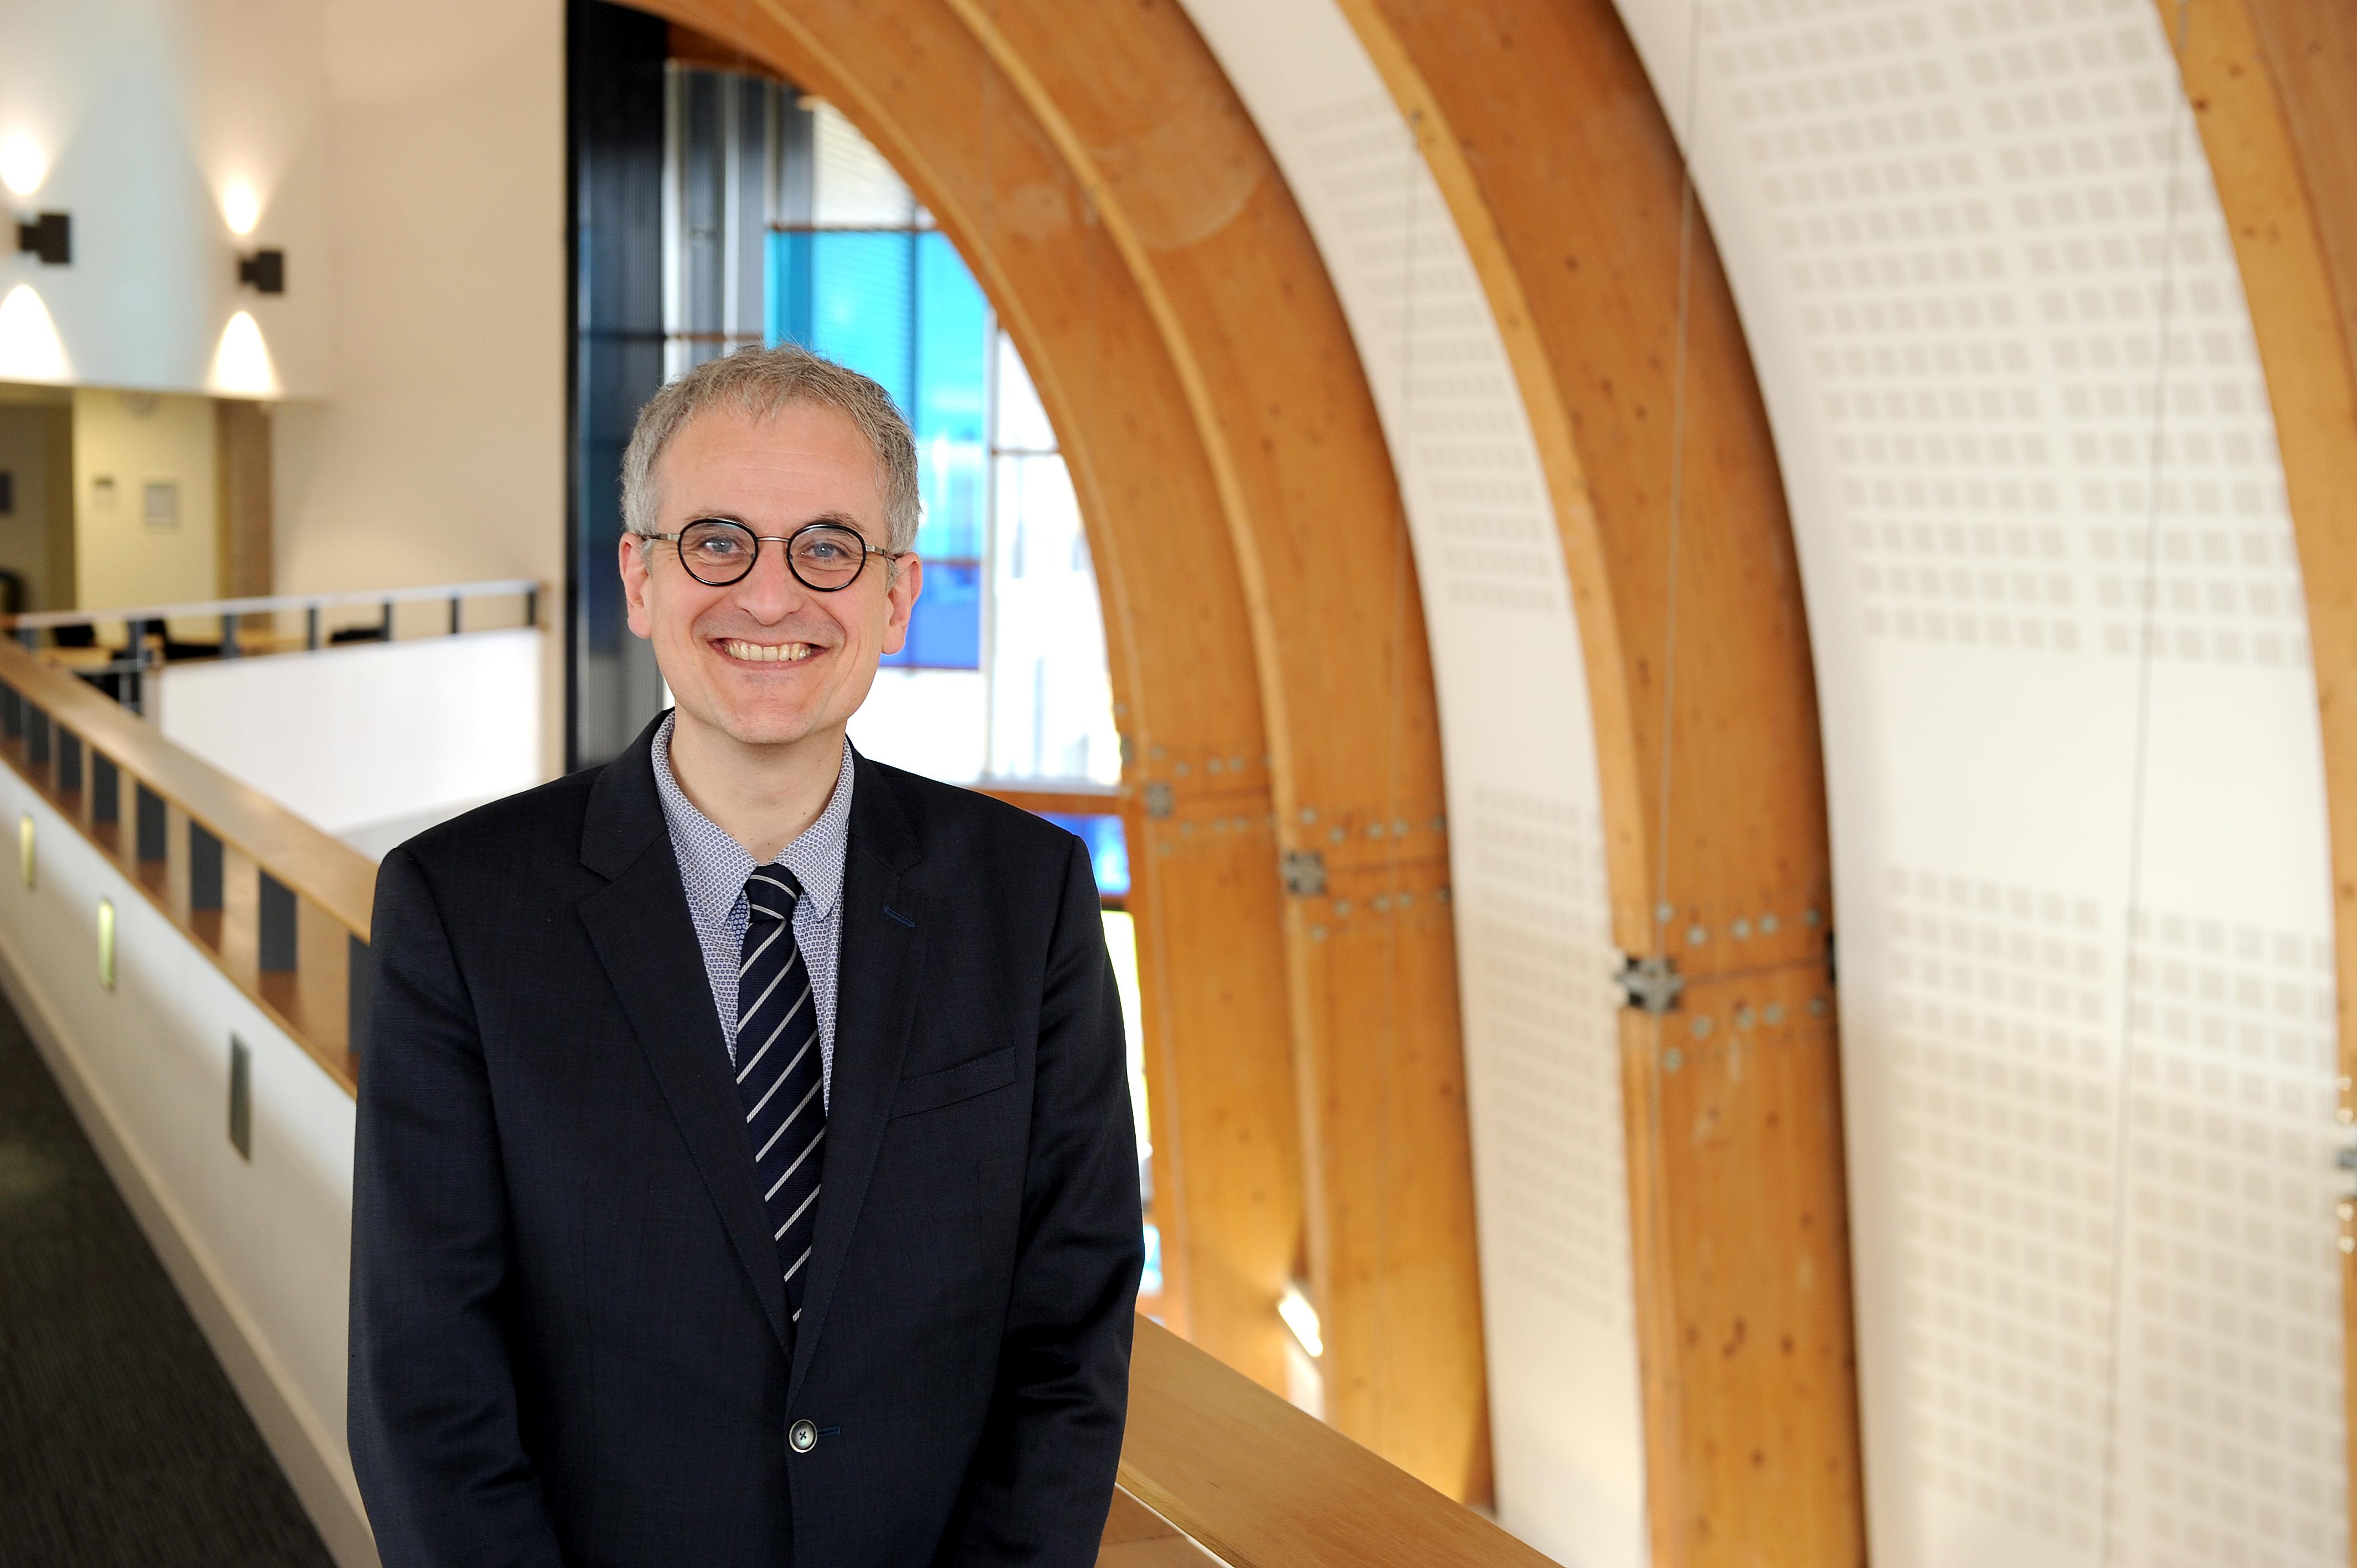 Jean-Pierre Choulet